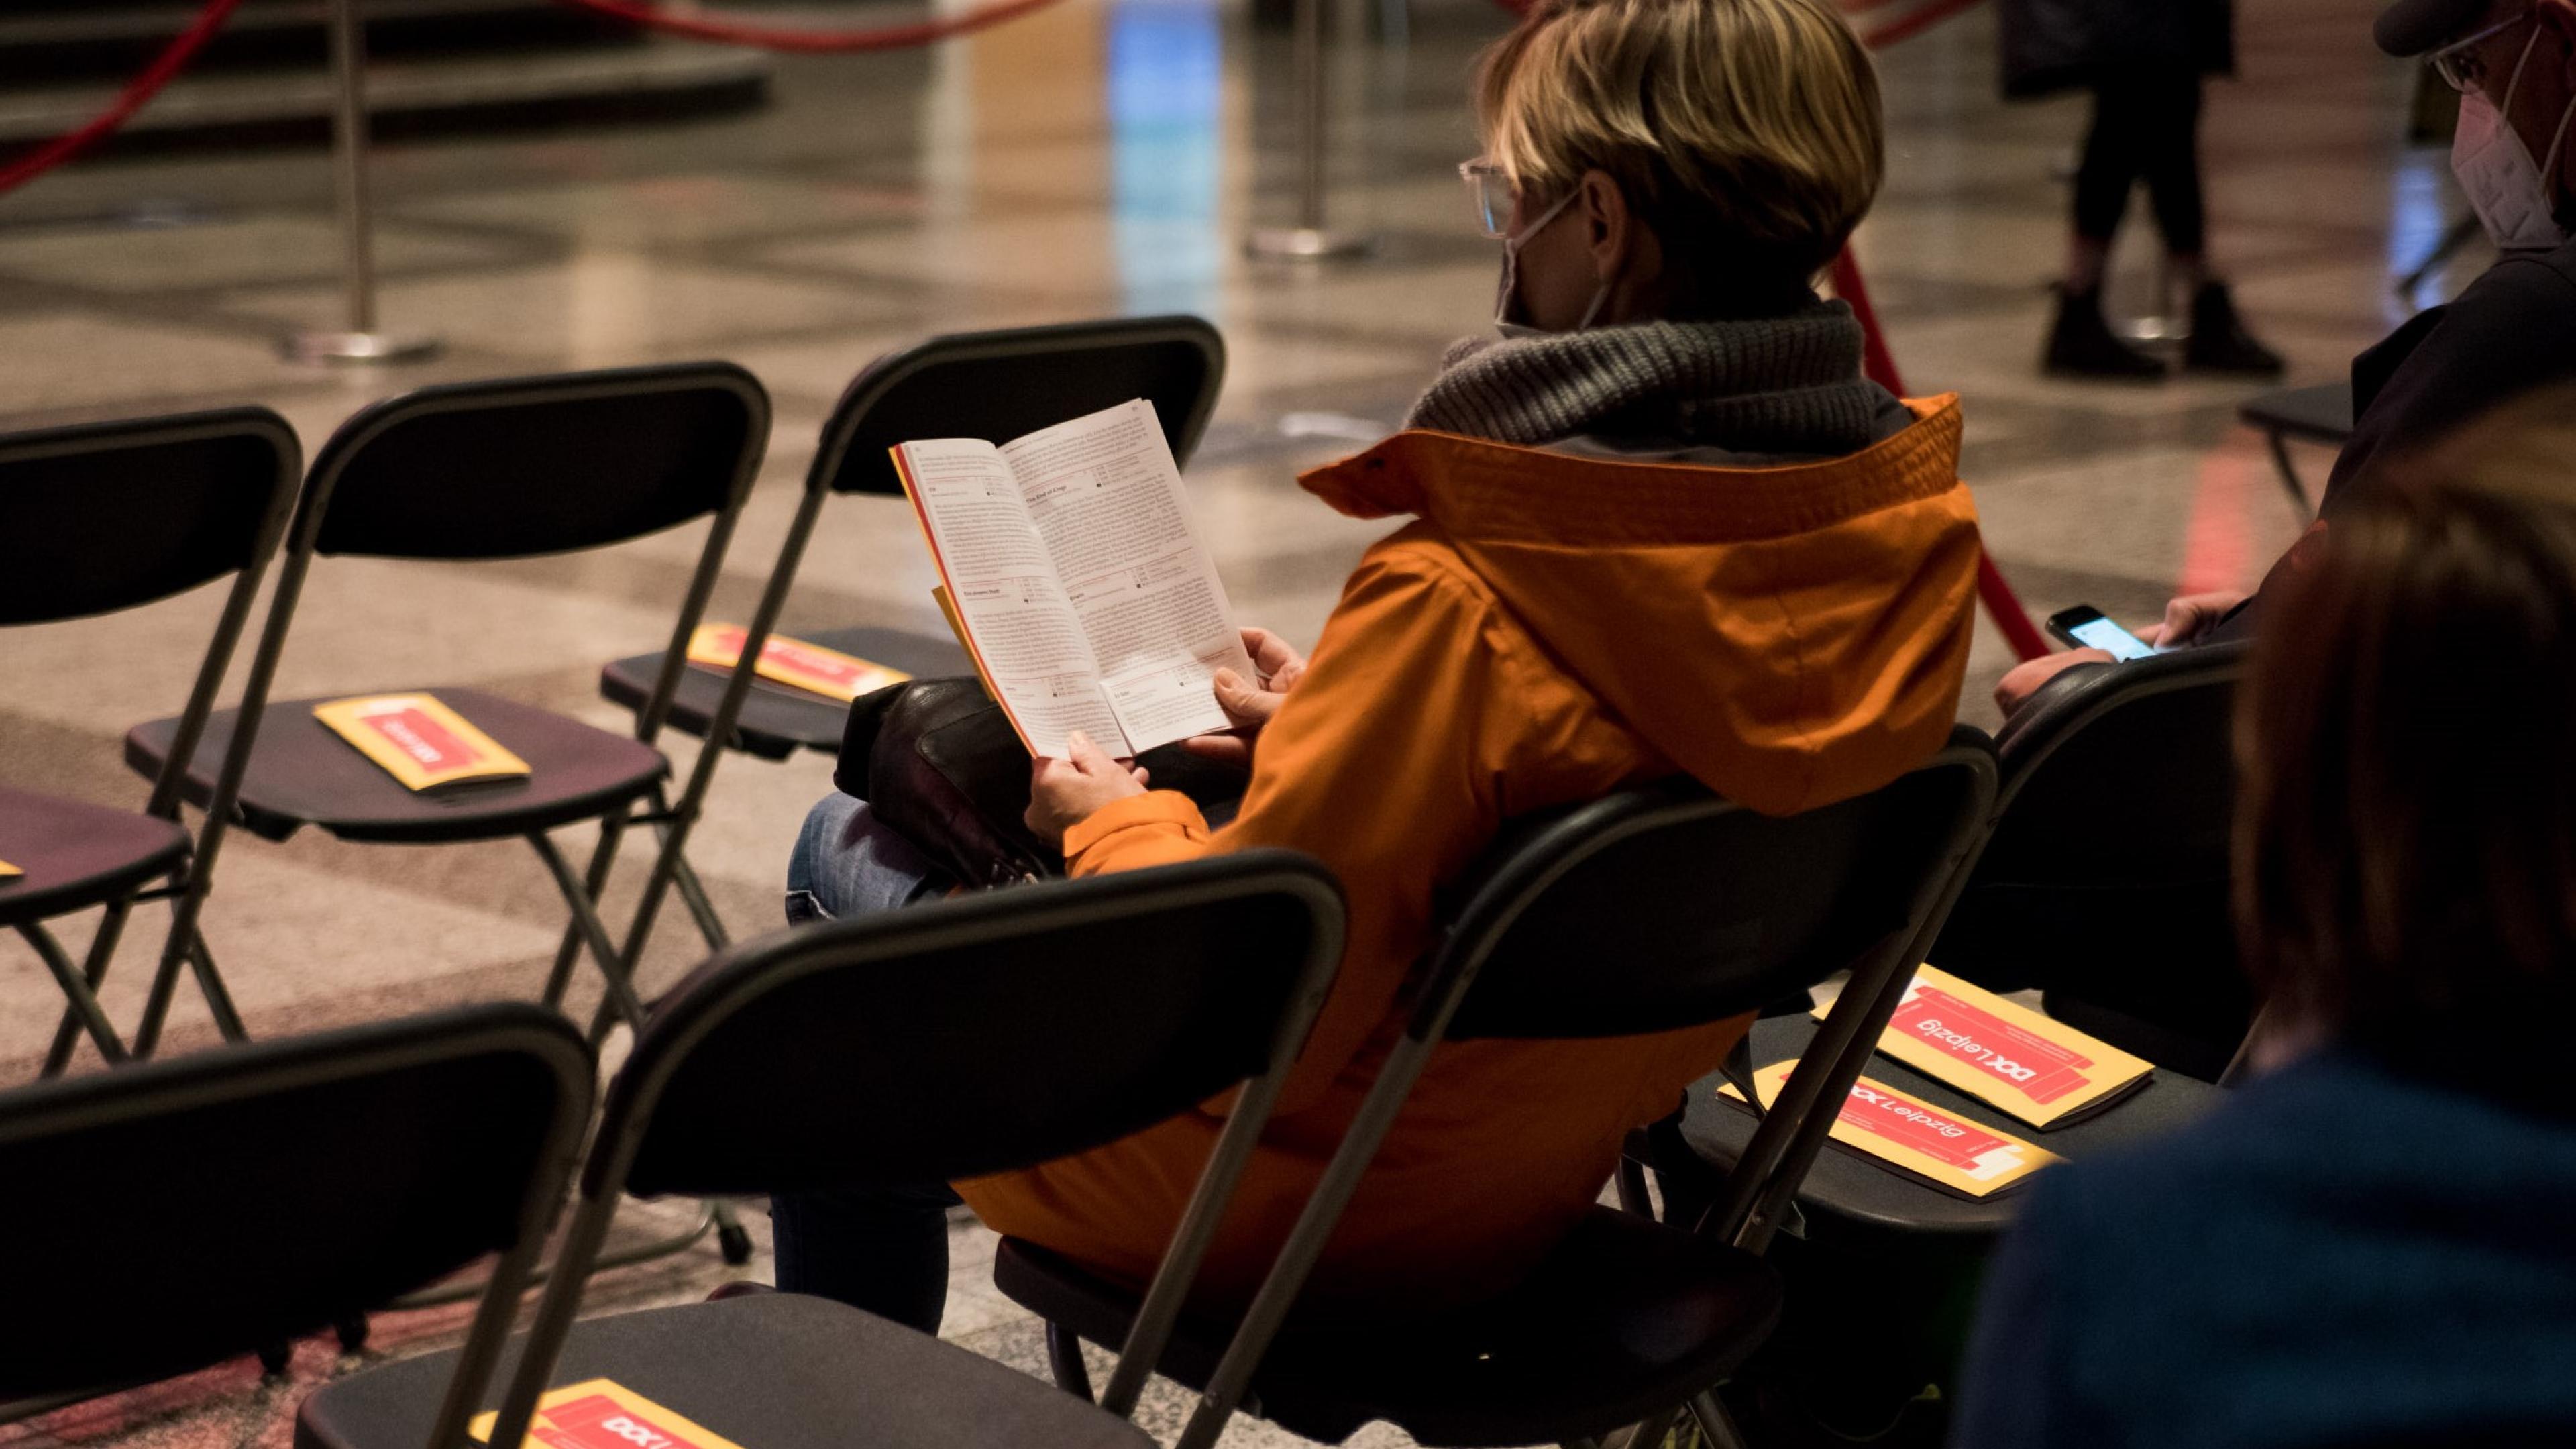 Eine Frau mit Maske sitzt auf einem Stuhl und liest in einem DOK Leipzig Programmheft. Um sie herum stehen mehrere Stühle in Reihen mit Programmheften auf den Sitzen, neben ihr sitzt ein Mann mit Maske